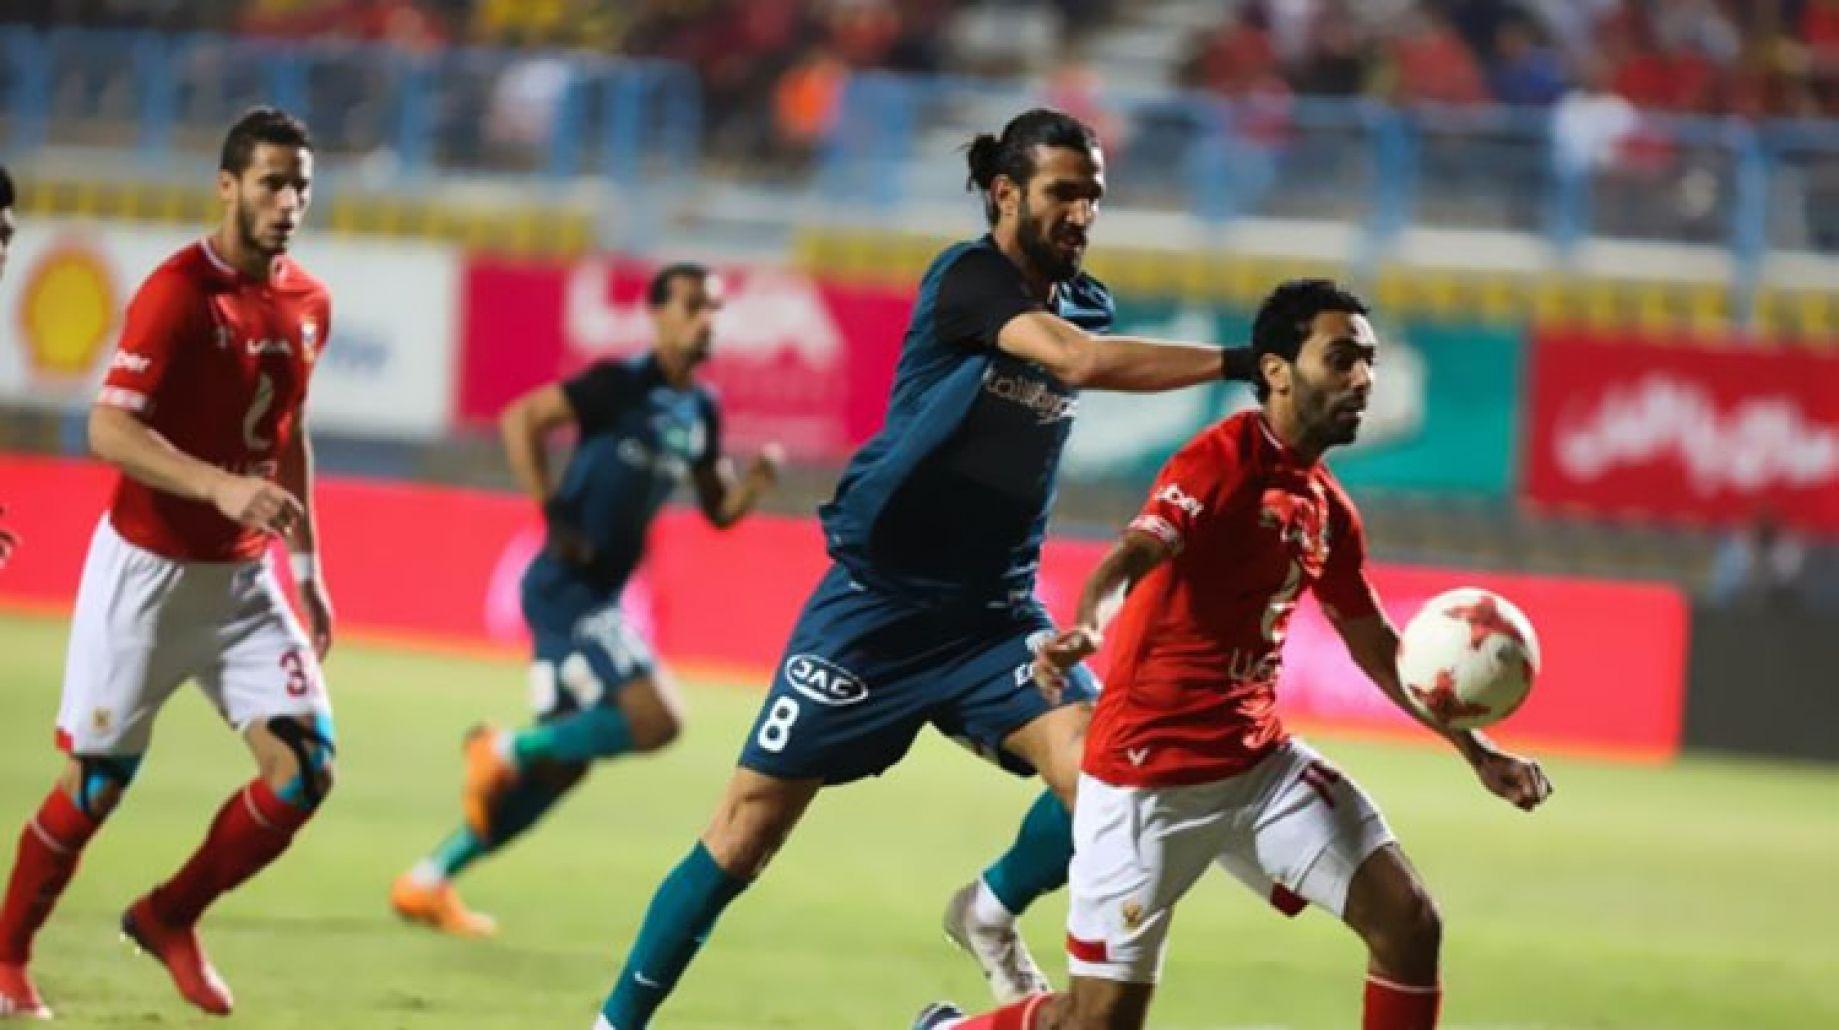 موعد مباراة الأهلي وإنبي والقنوات الناقلة في كأس مصر